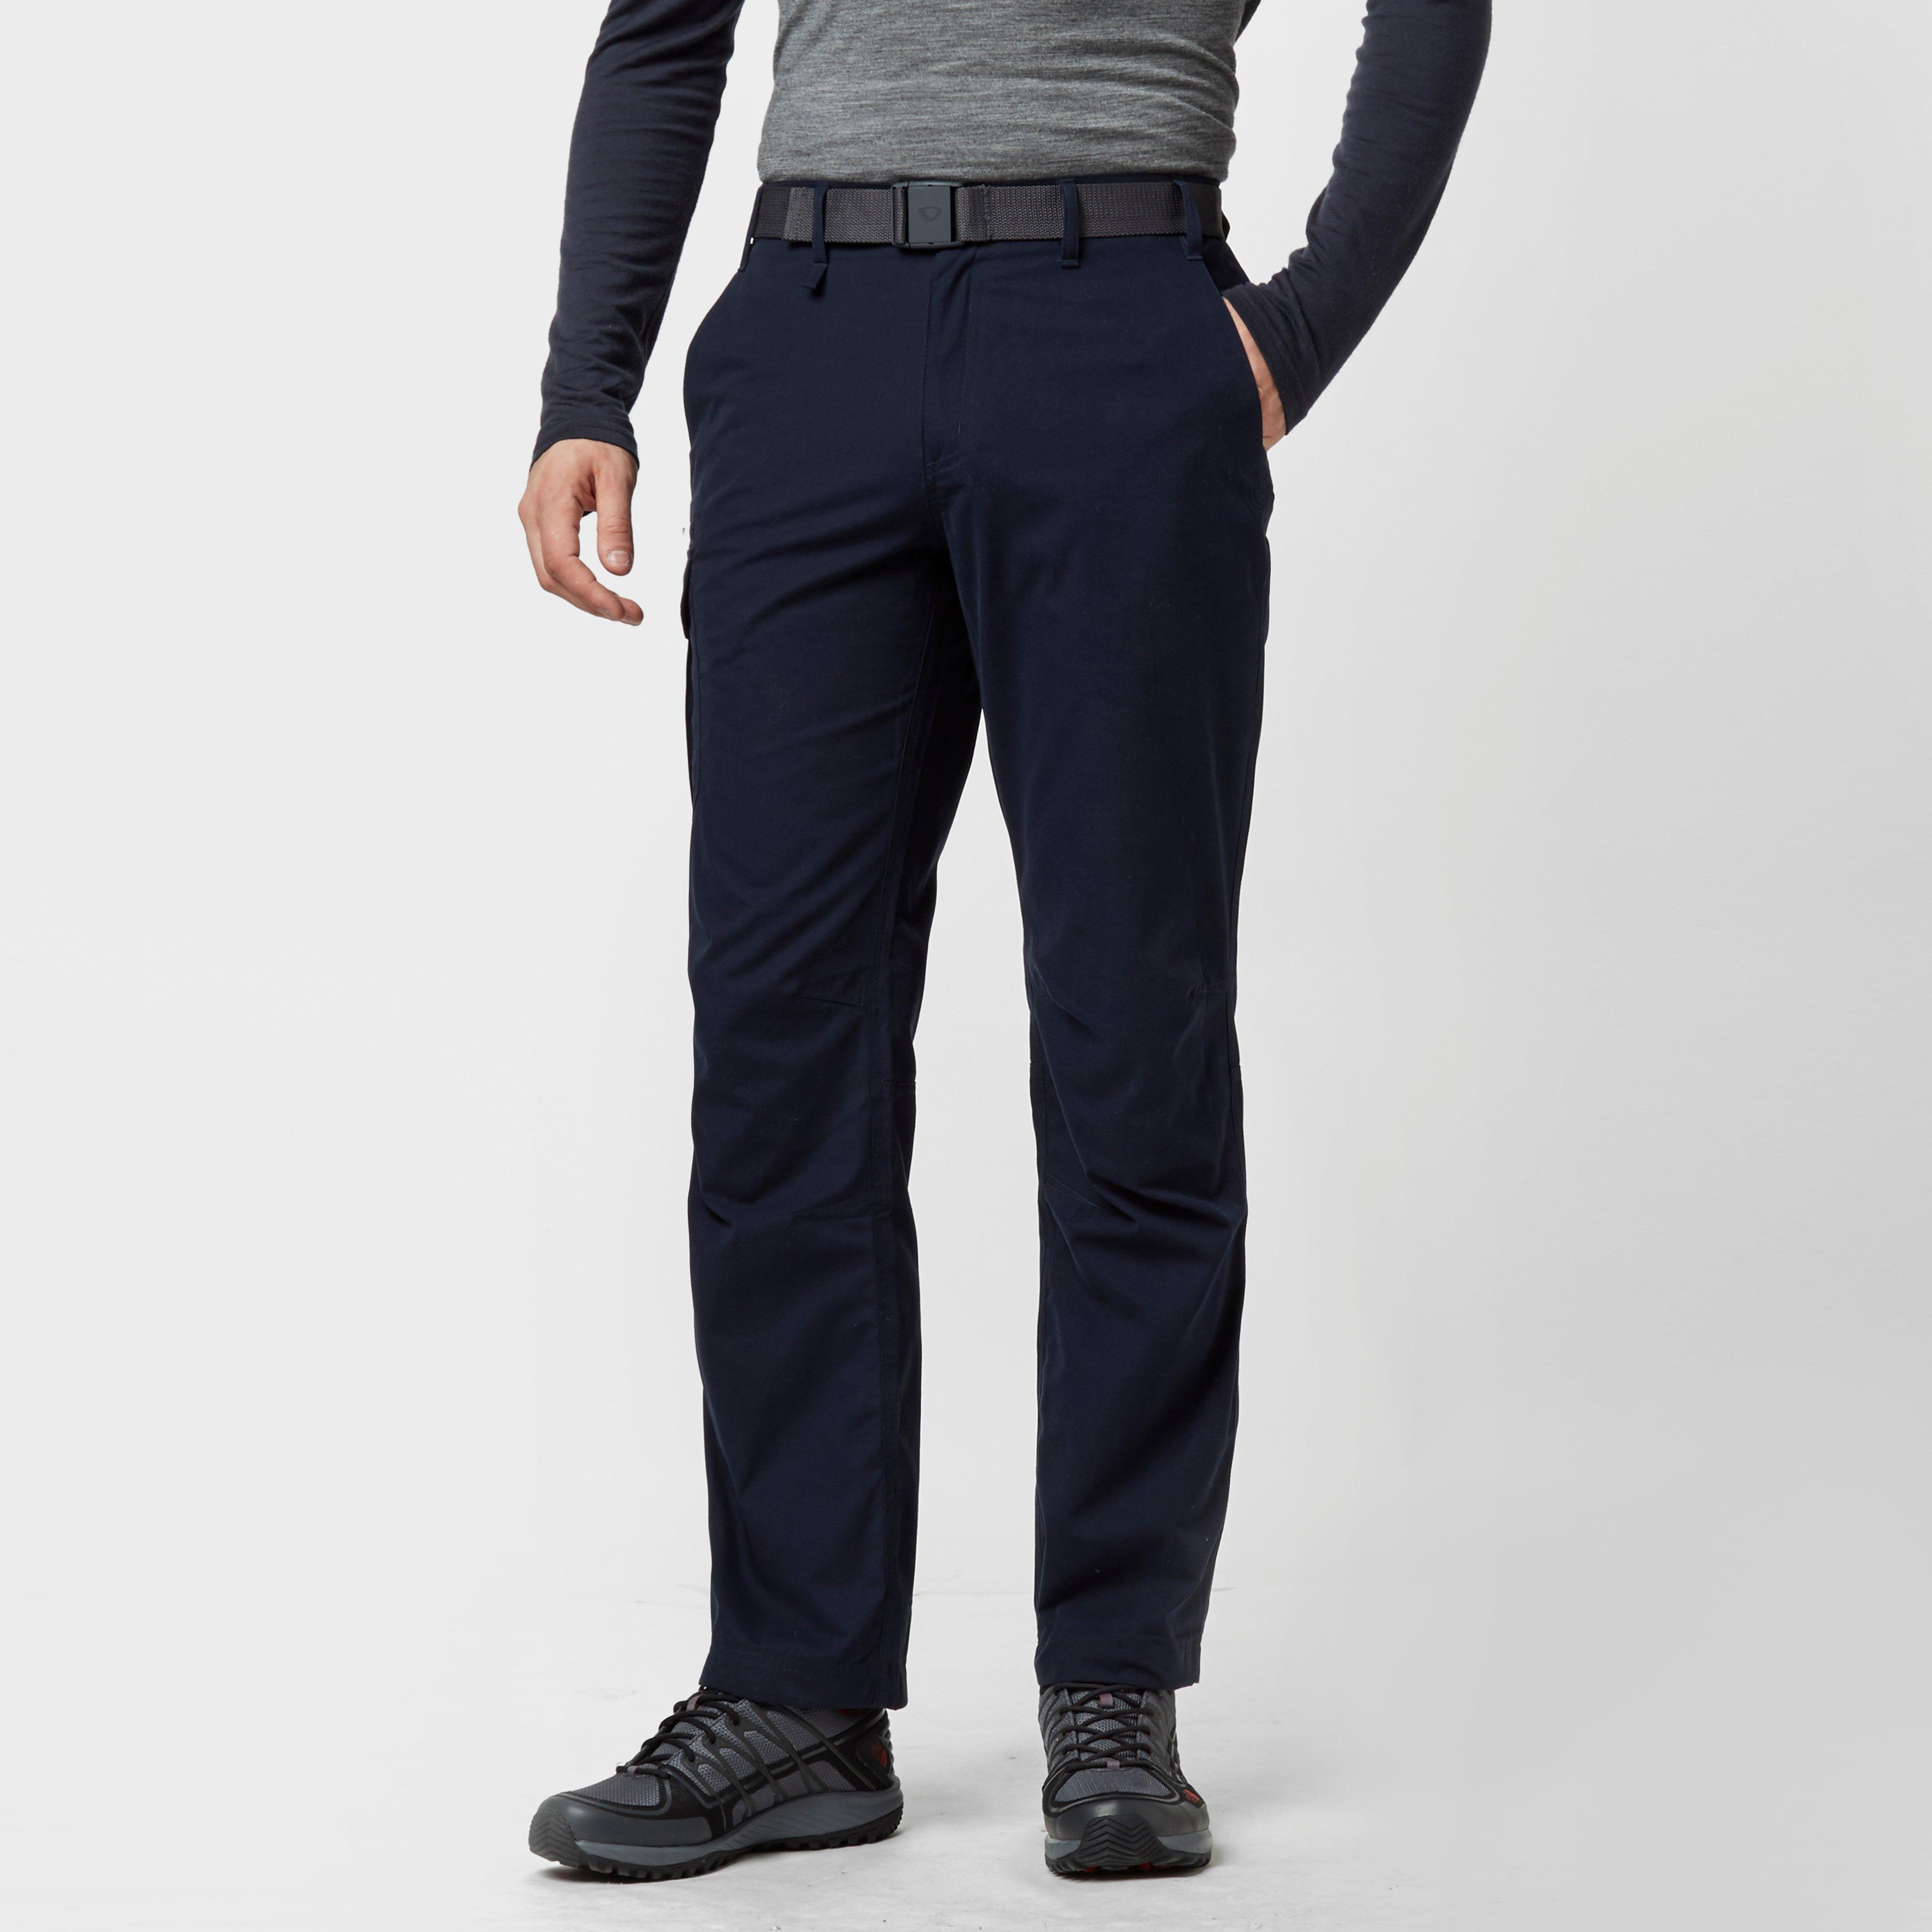 Brasher Mens Walking Trousers - Navy/navy  Navy/navy